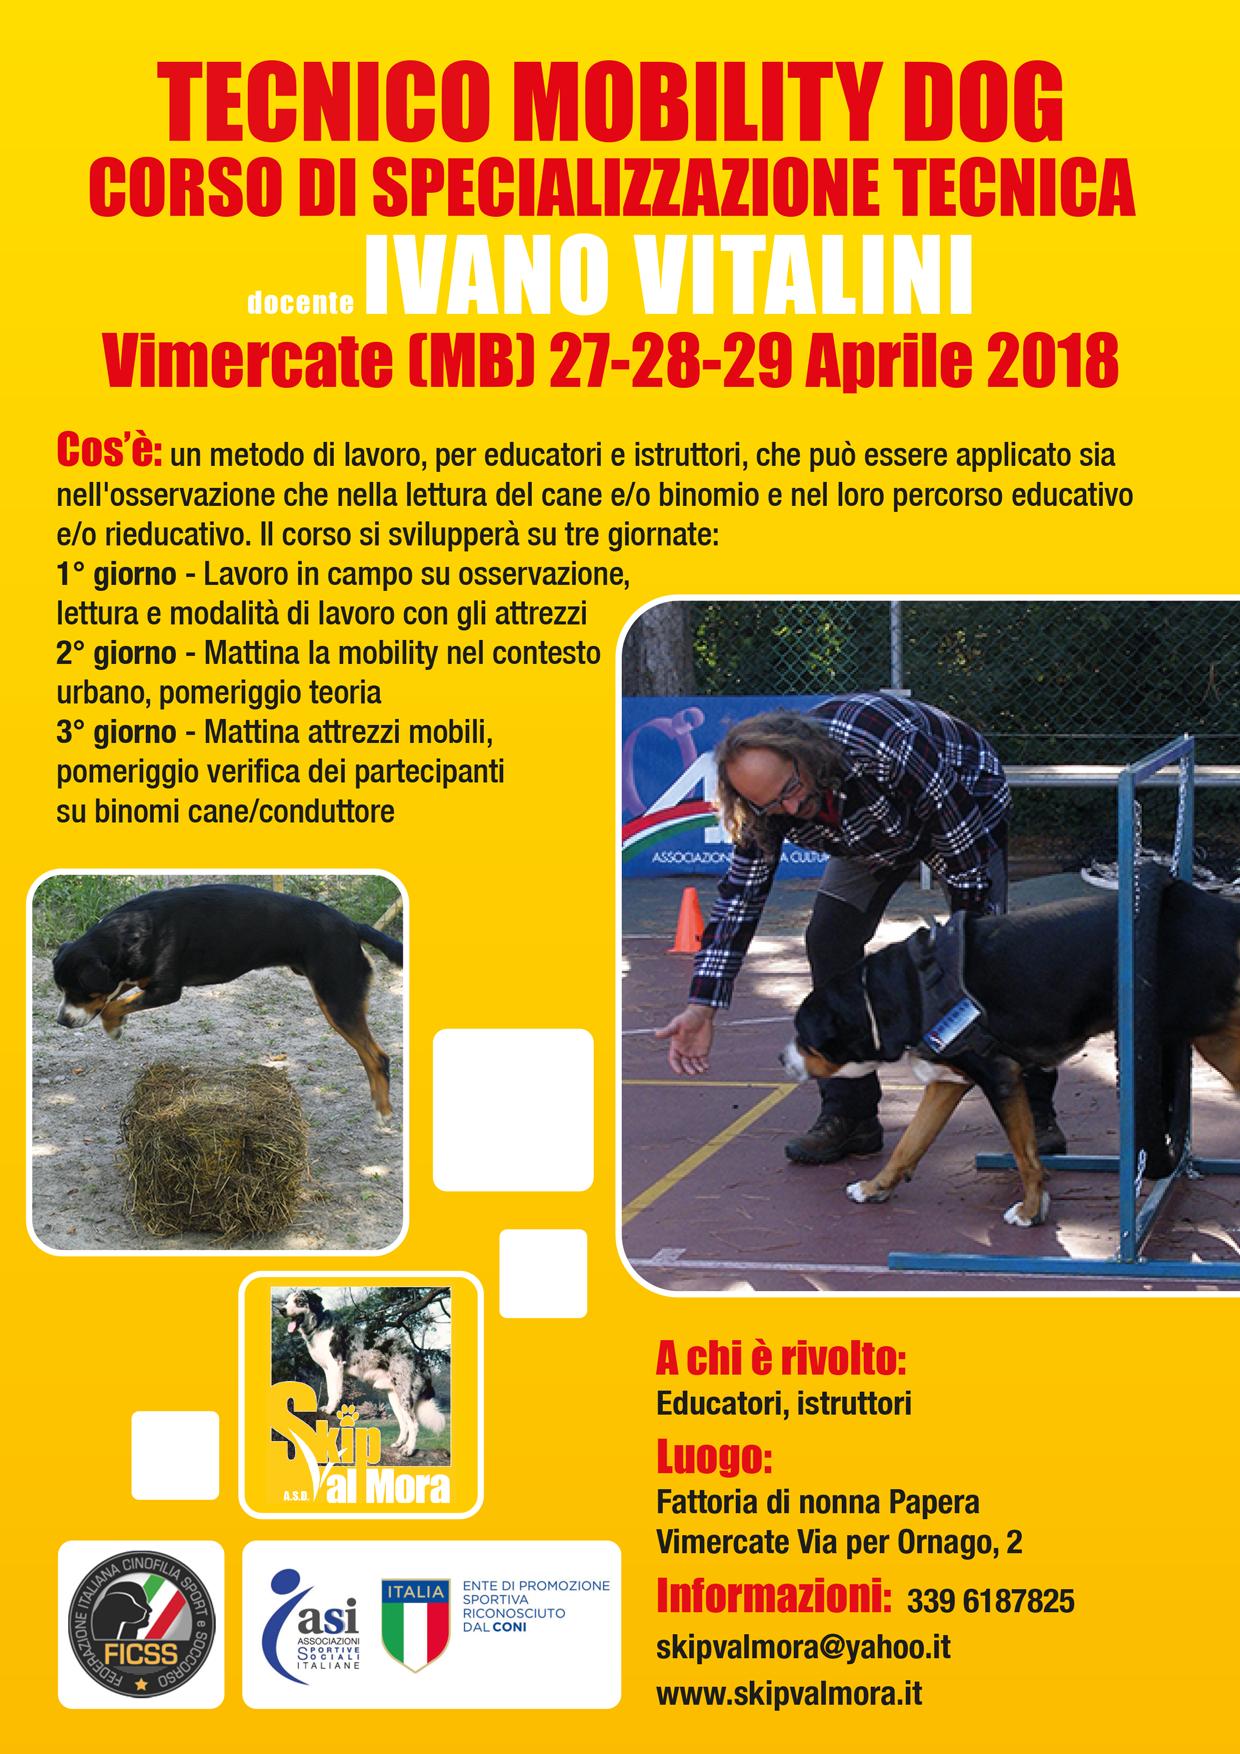 Vimercate (MB) 27-28-29 Aprile 2018 - Tecnico Mobility Dog con Ivano Vitalini